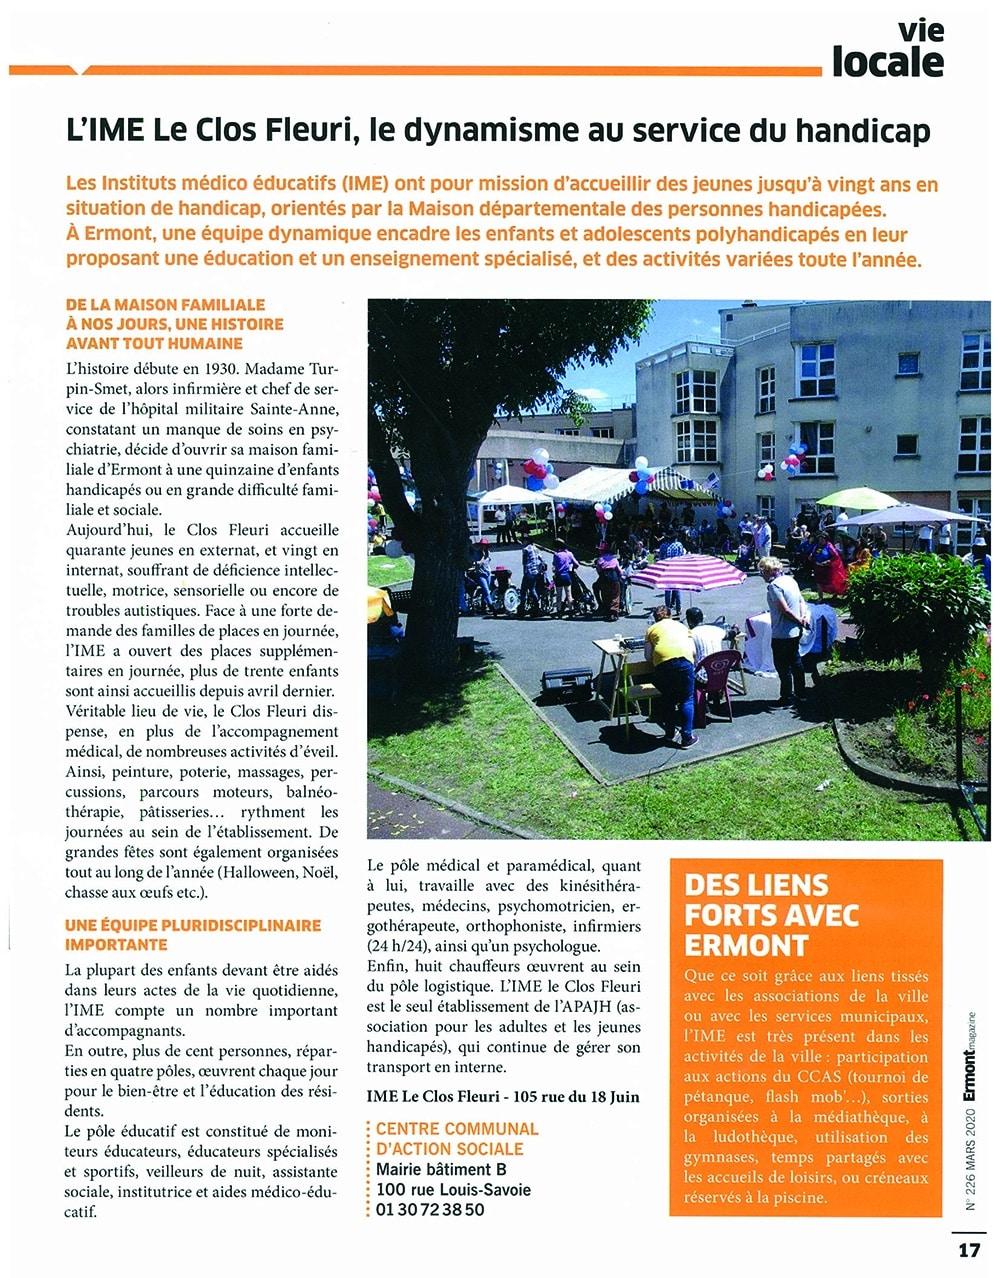 Article IME Le Clos Fleuri au service du handicap